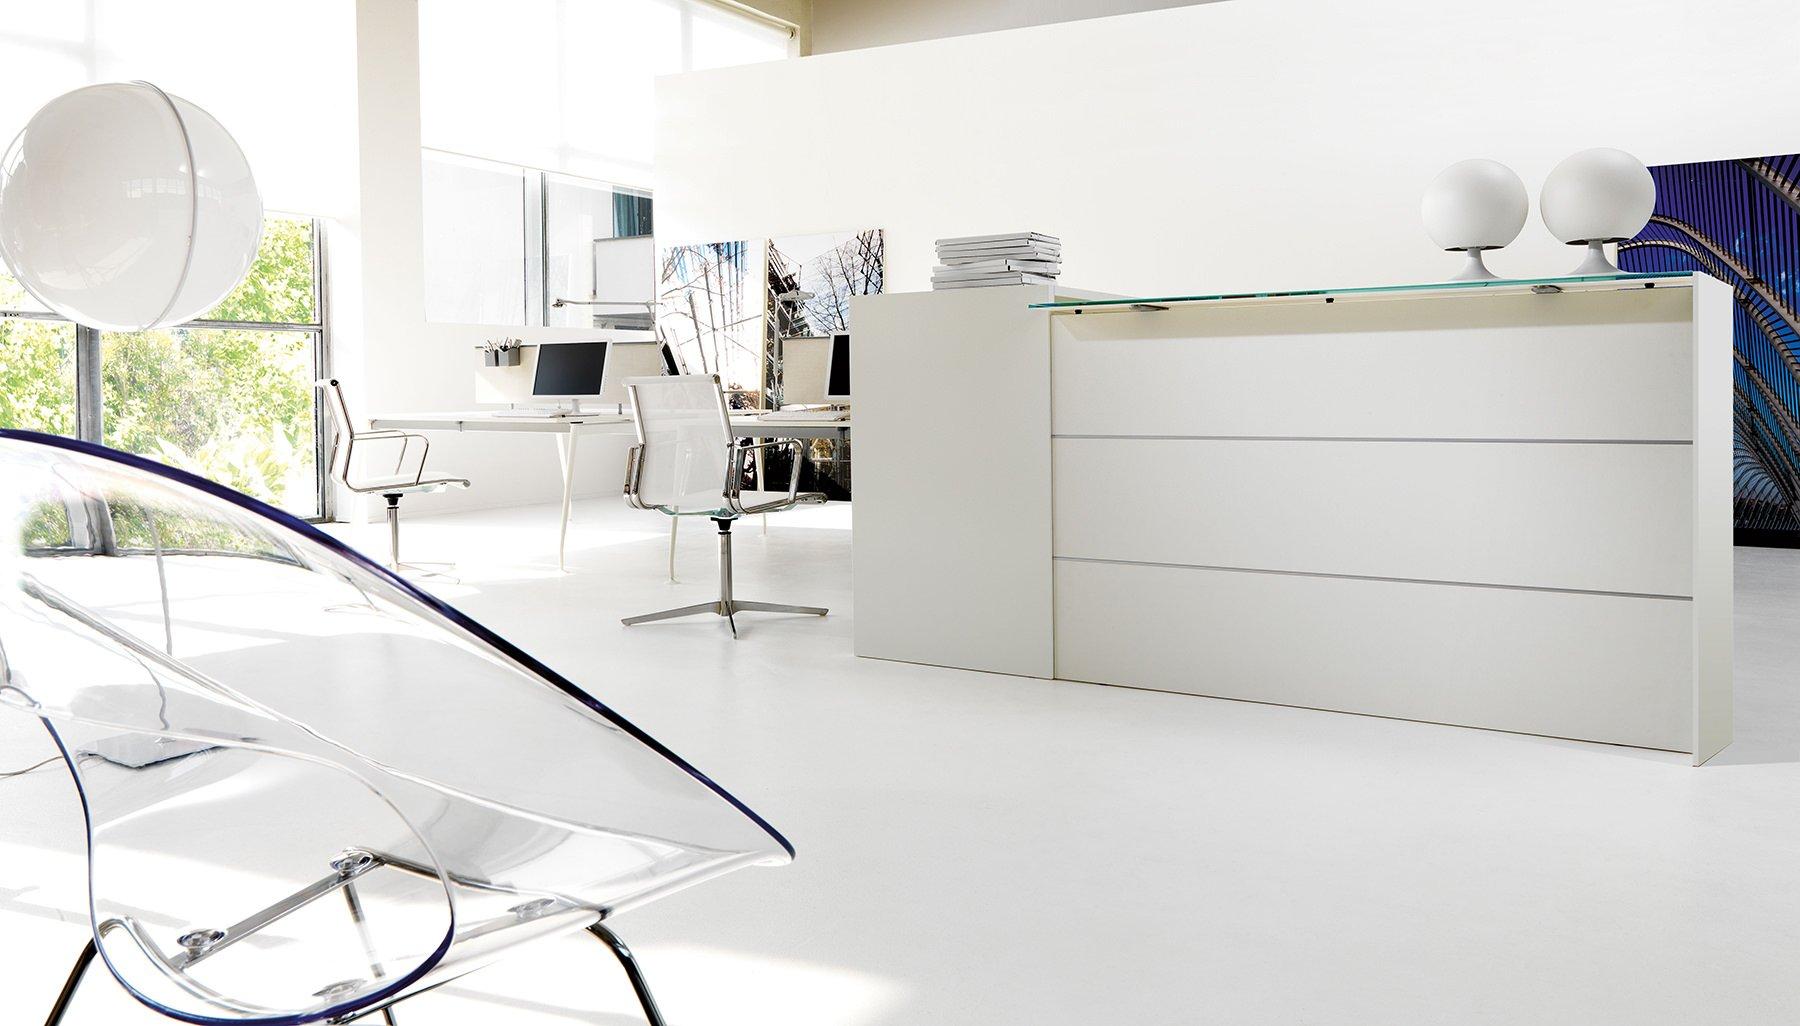 Sistema ponte arredamento per ufficio operativo mobili per ufficio - Arredamento per ufficio ...